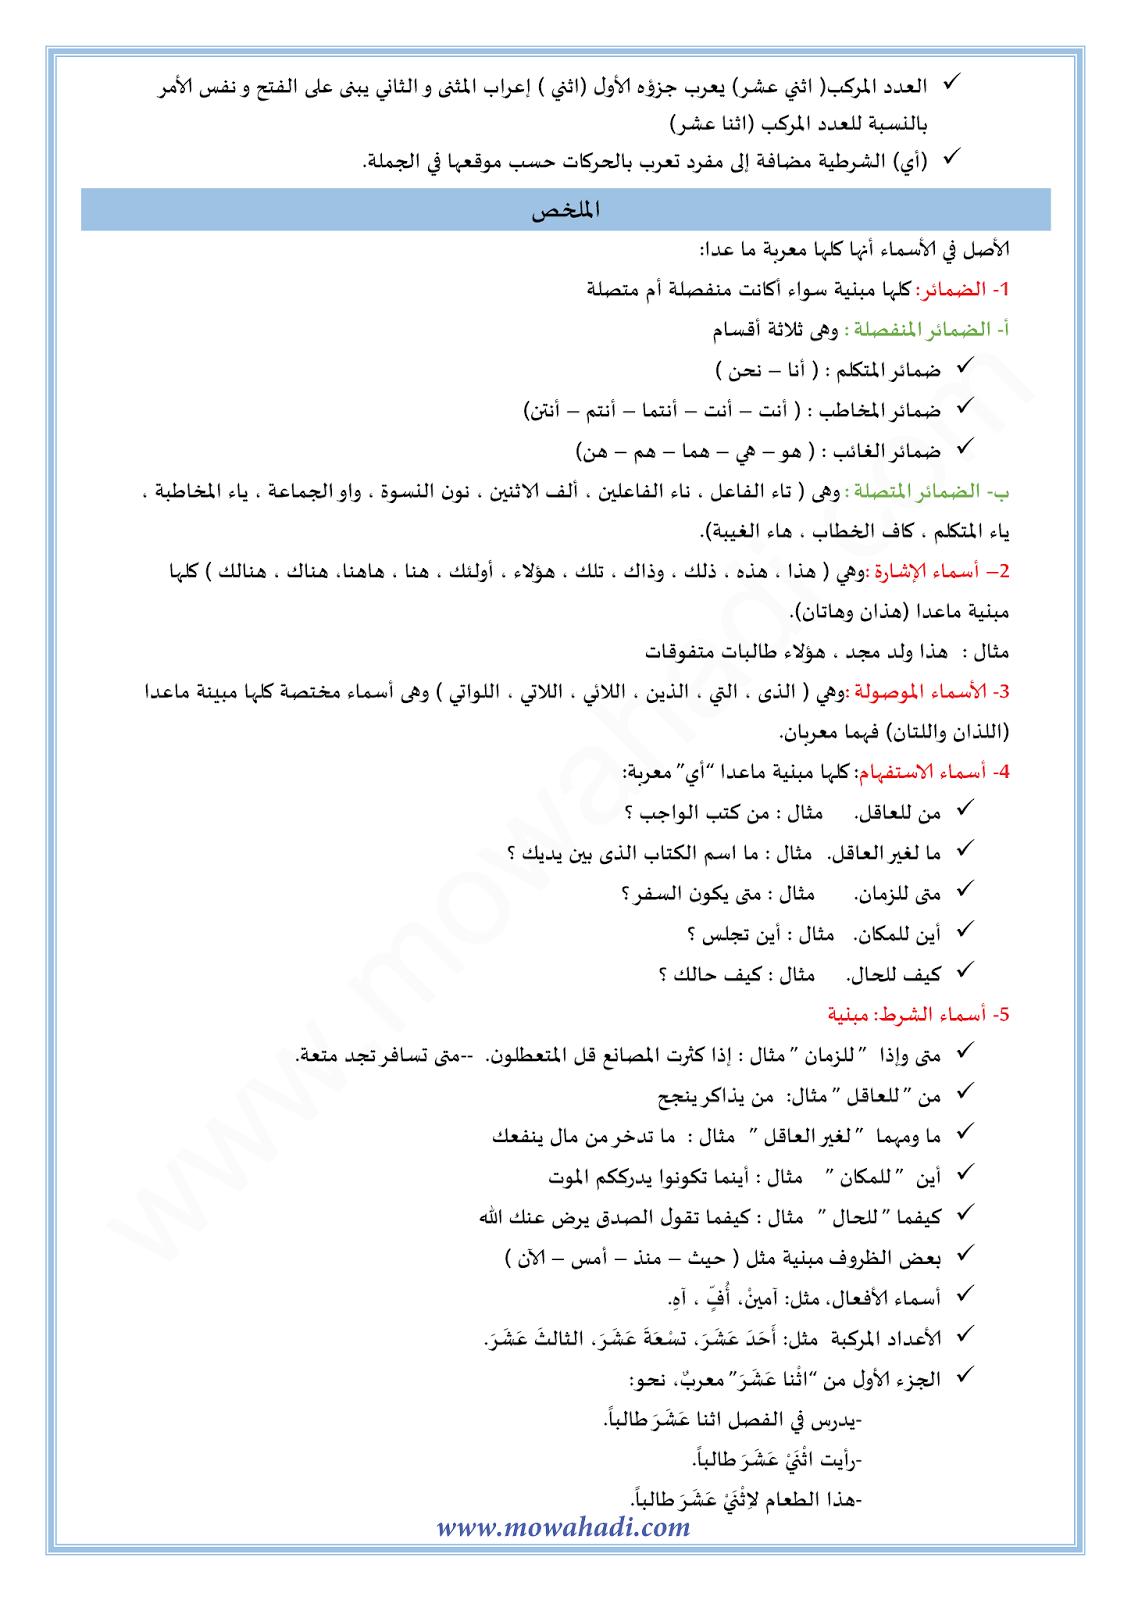 الأسماء المعربة  والأسماء المبنية-1